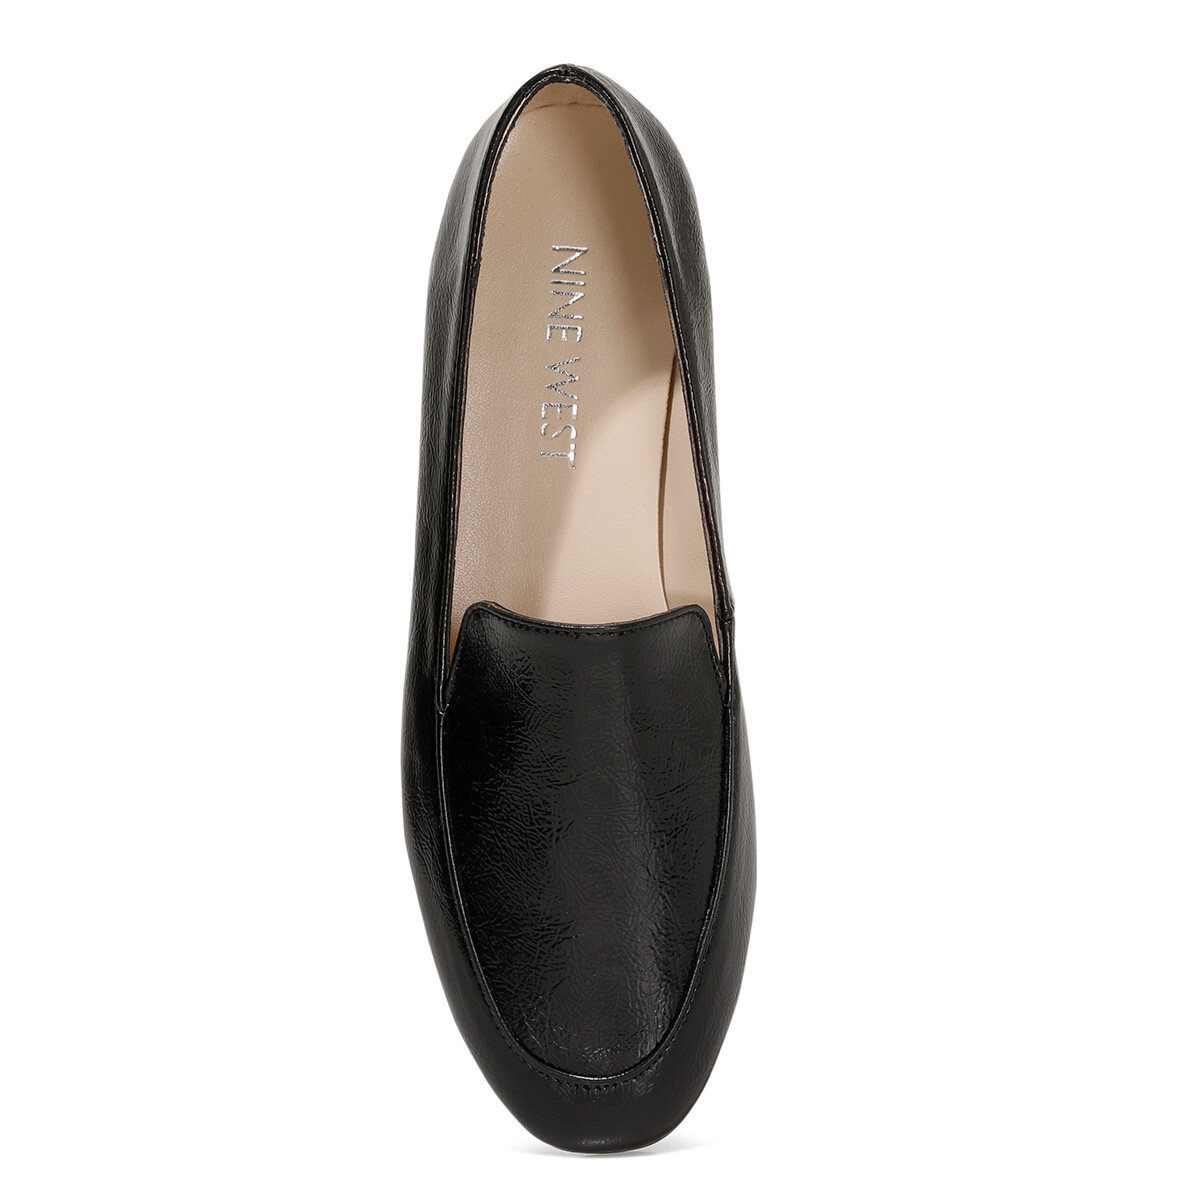 LEFUR Siyah Kadın Loafer Ayakkabı